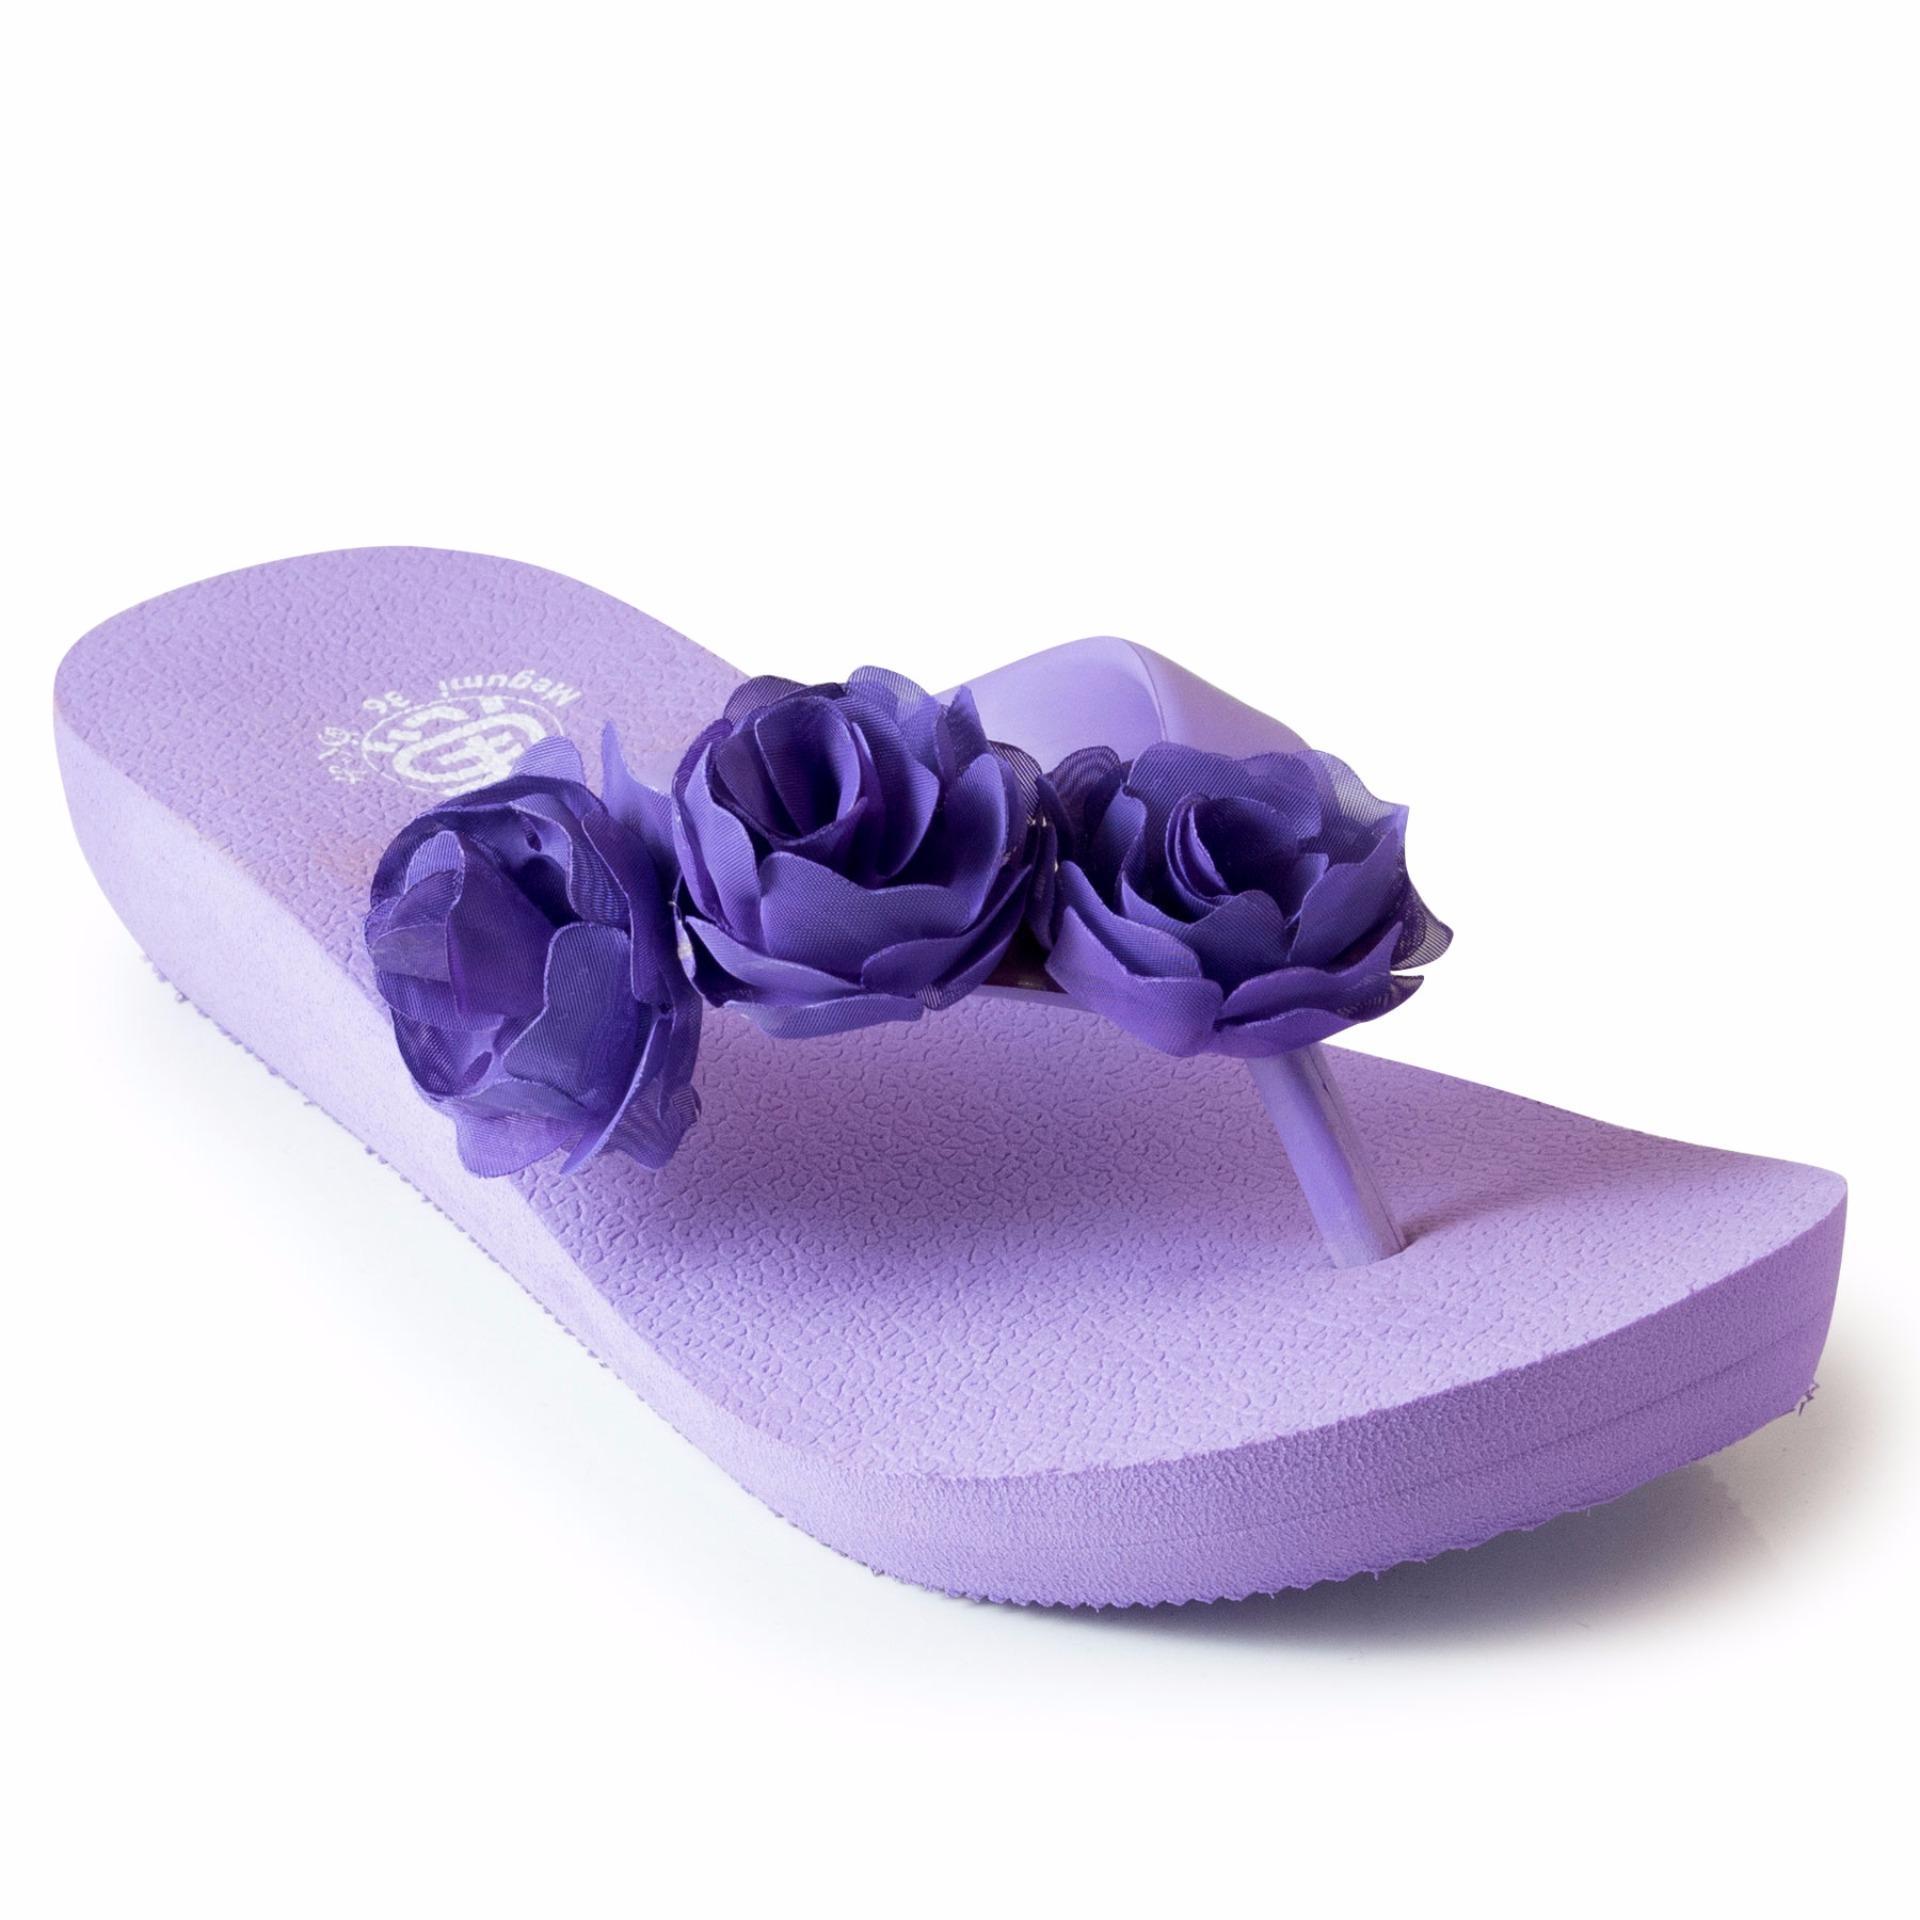 Harga Megumi Sandal Jepit Wanita Aster Purple Murah